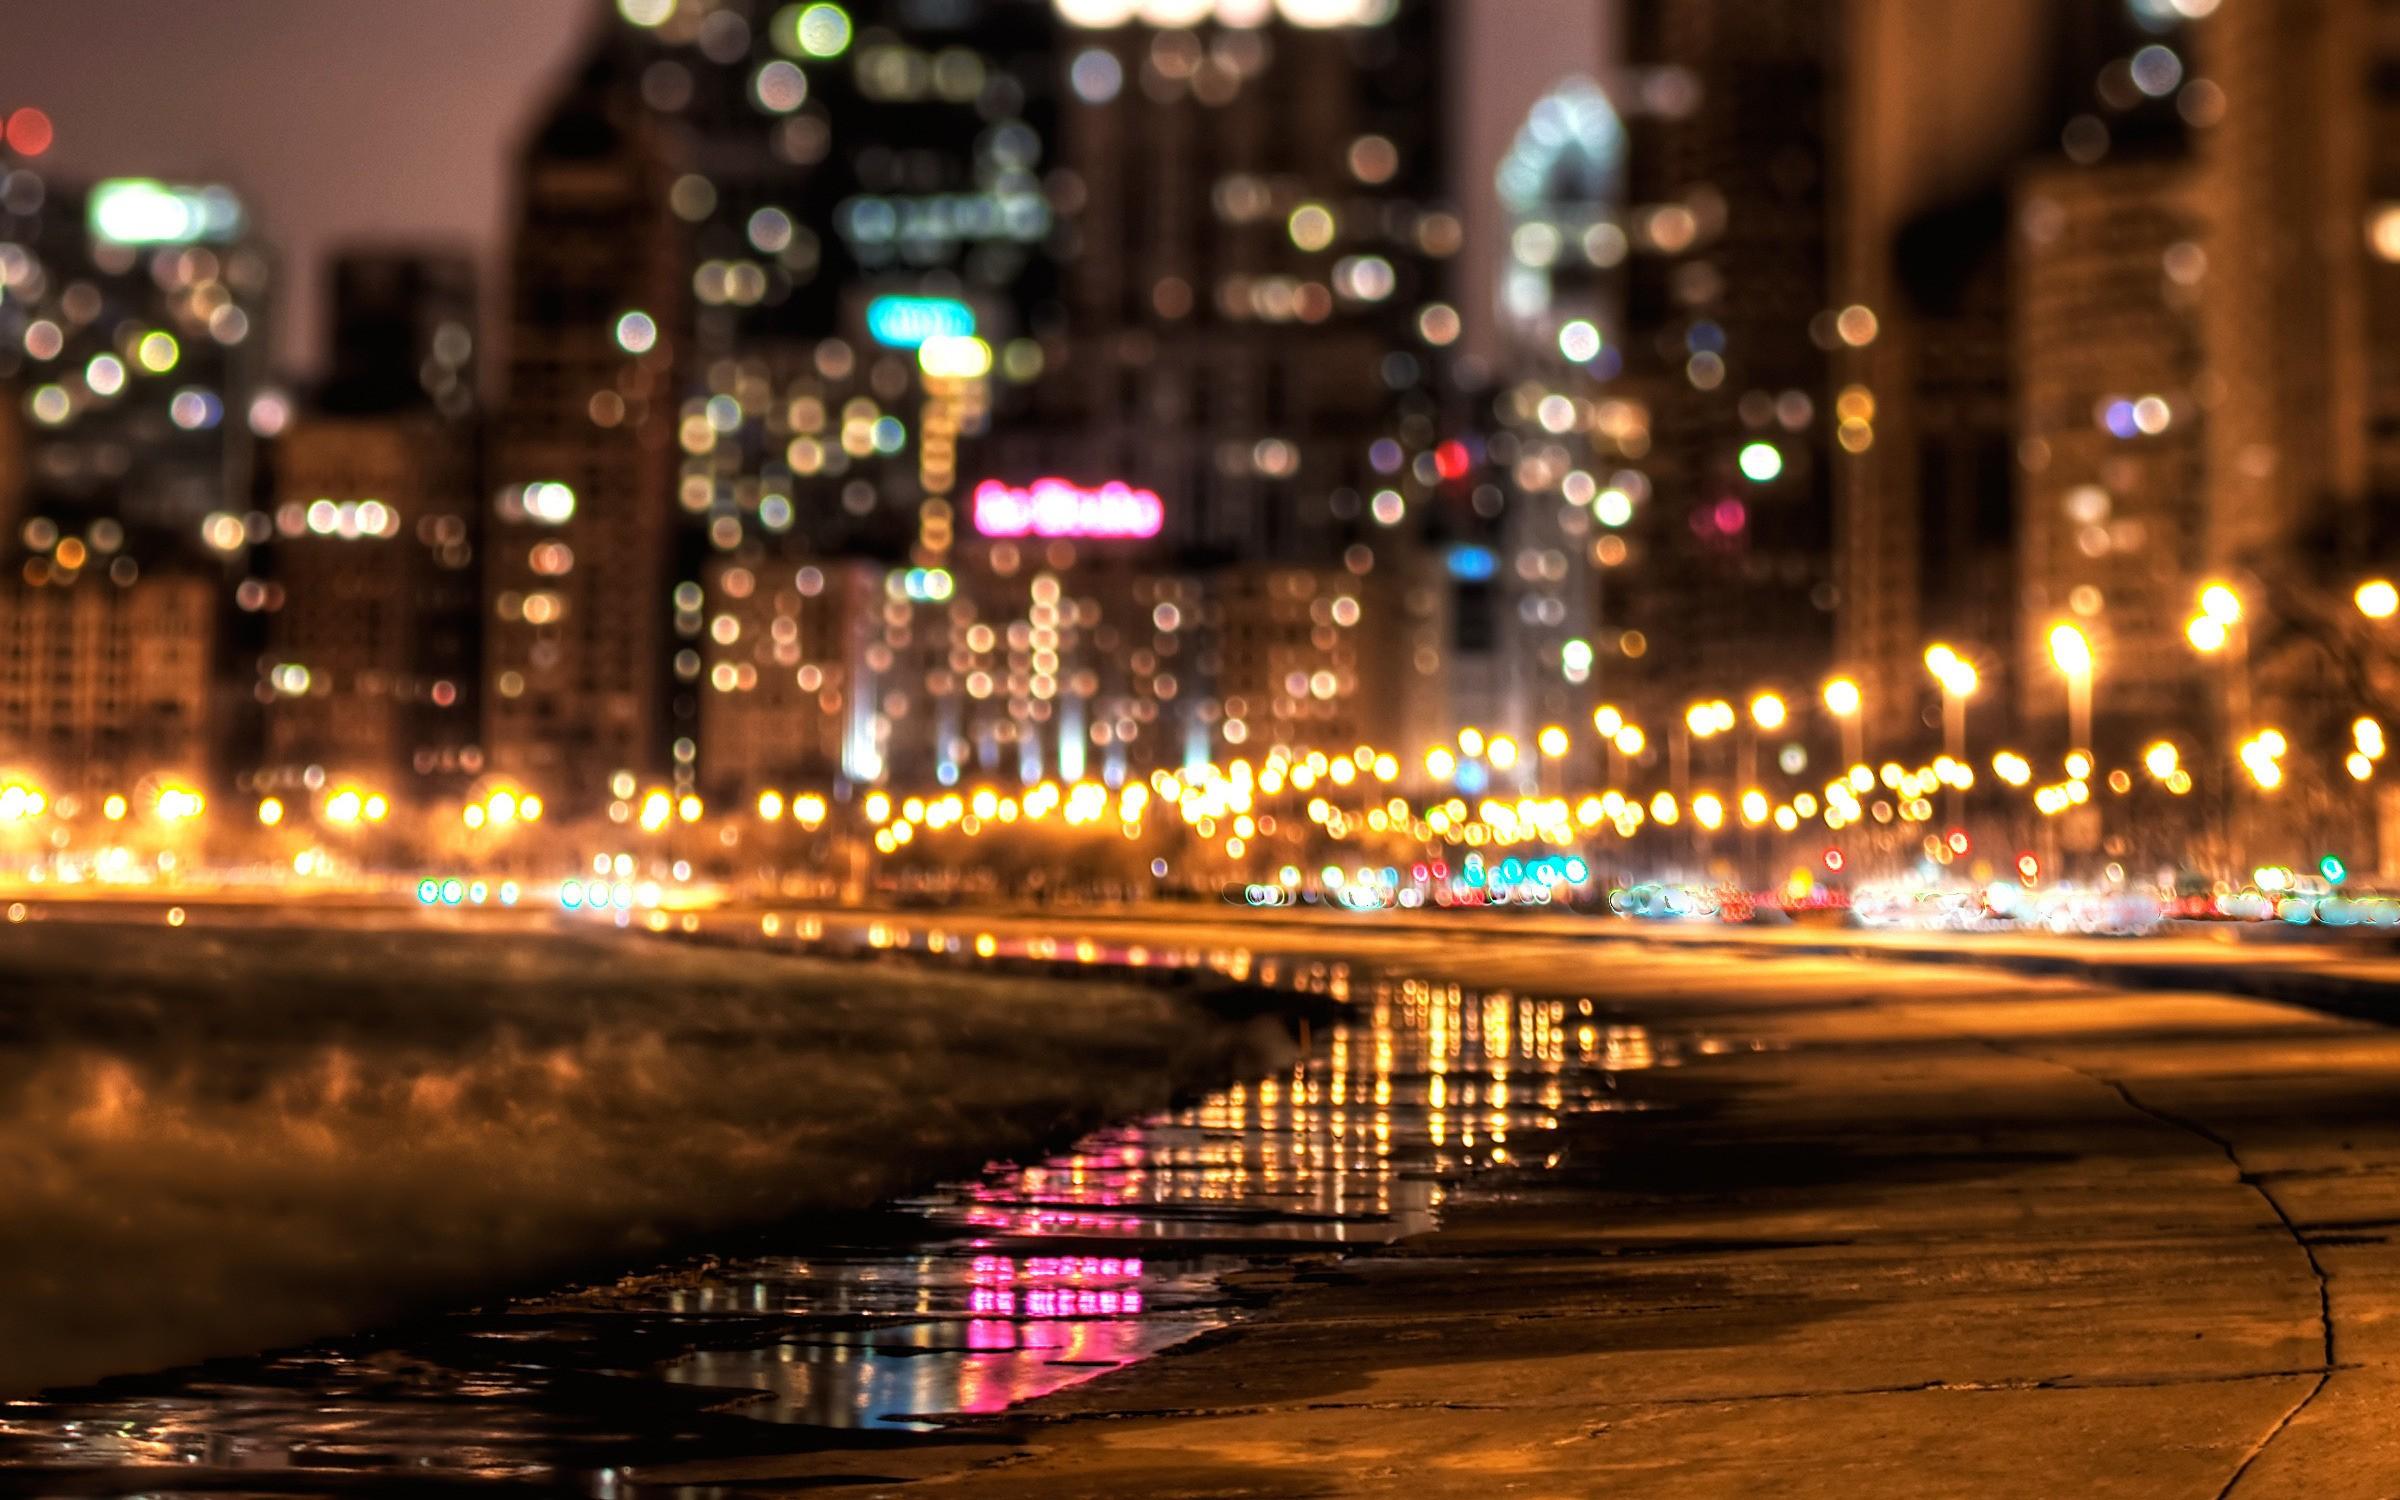 Luces en ciudad - 2400x1500